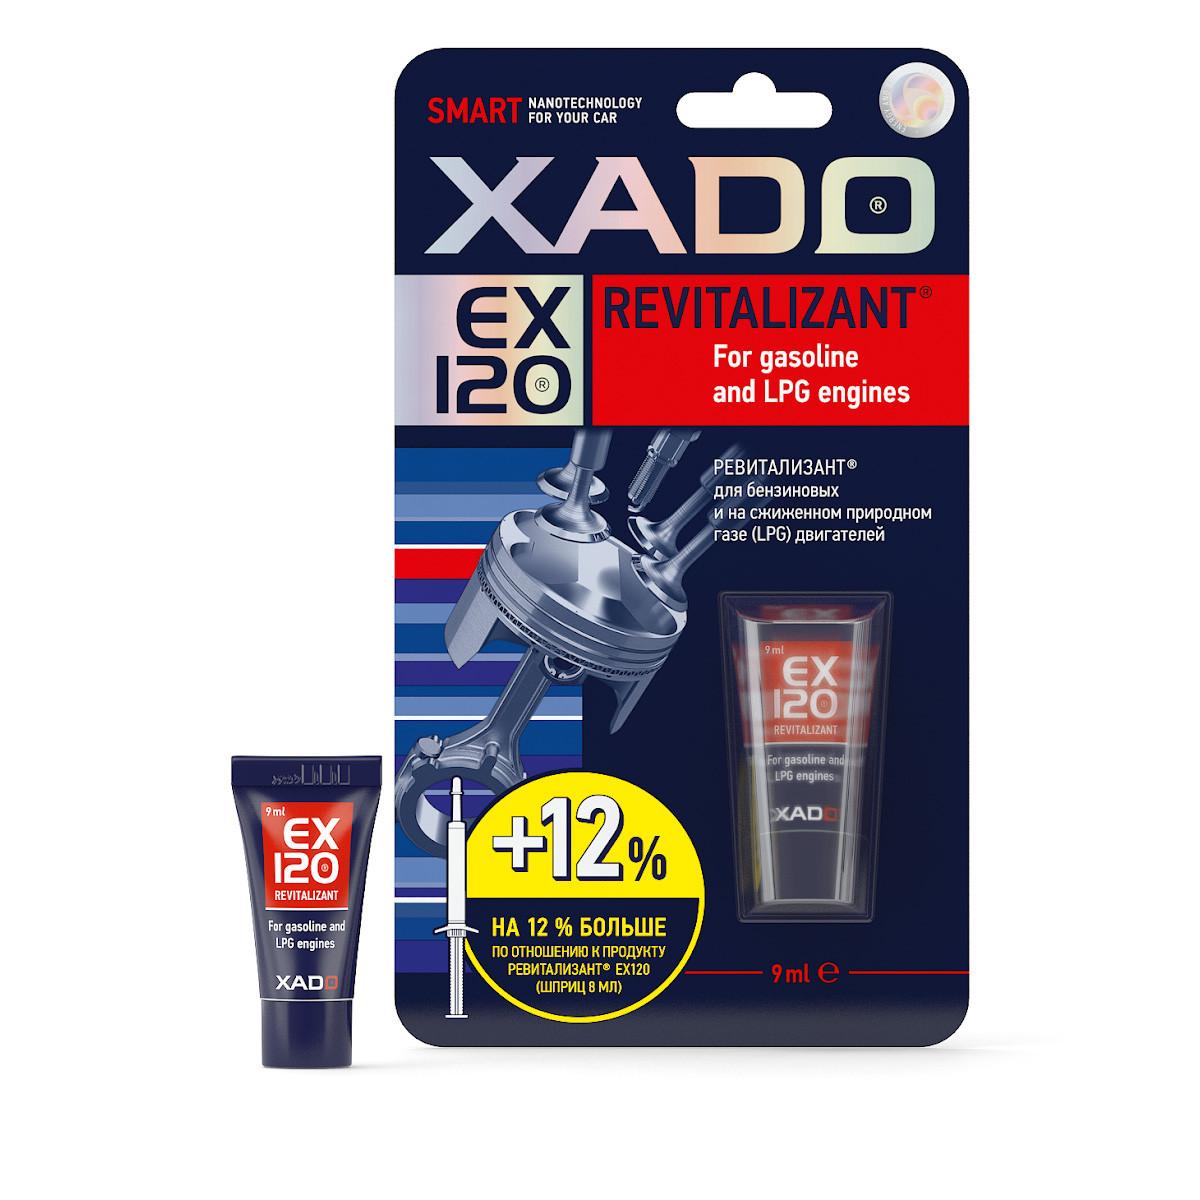 Гель ревитализант для бензинового двигателя Xado EX120 (скидка 15% при заказе через корзину)